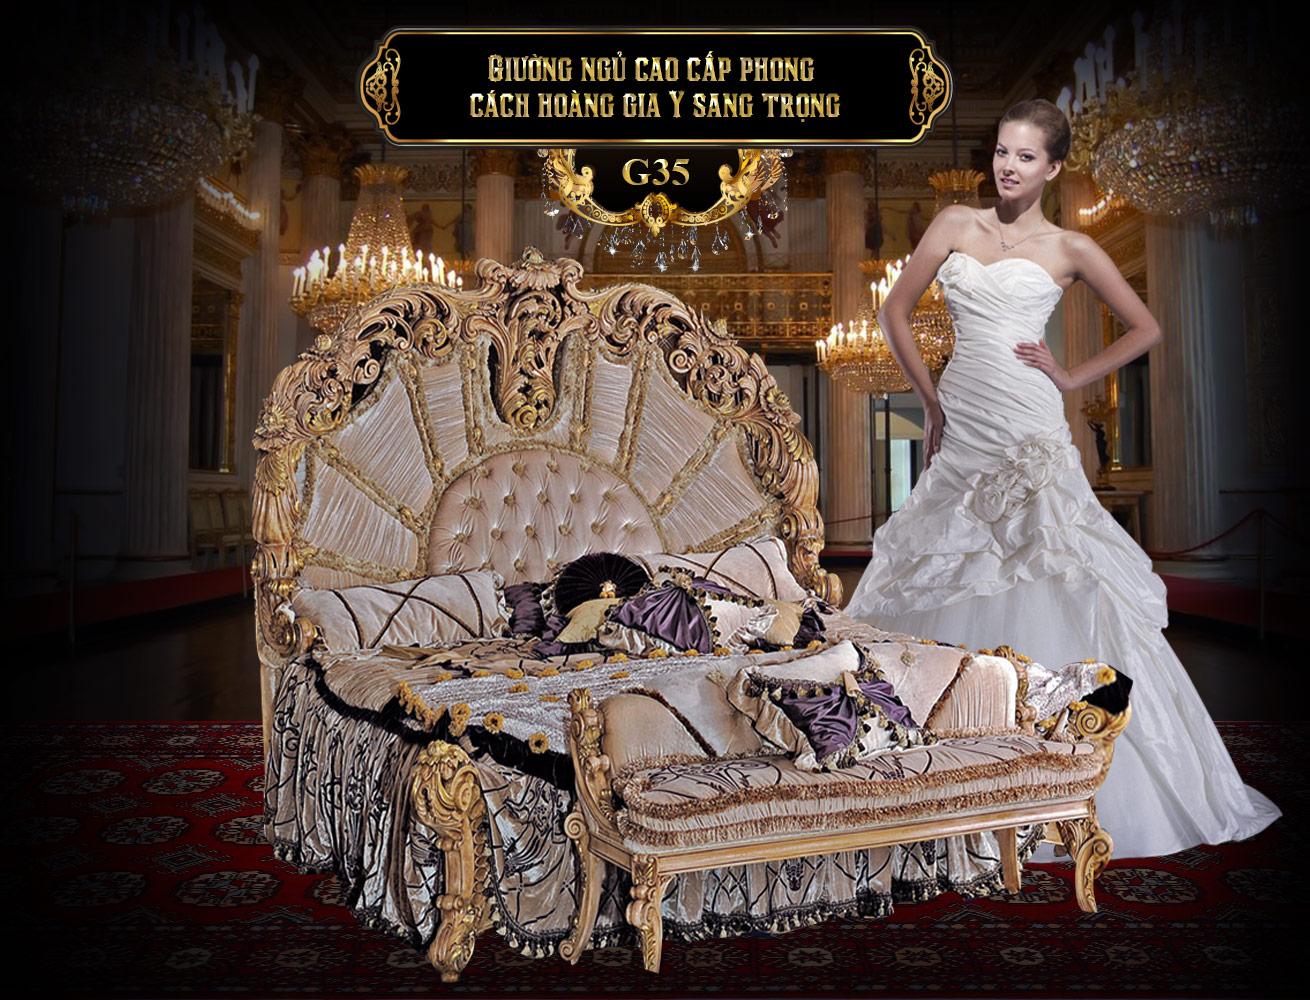 Giường ngủ cao cấp phong cách Ý G35-1 gỗ tự nhiên giá rẻ tại TPHCM